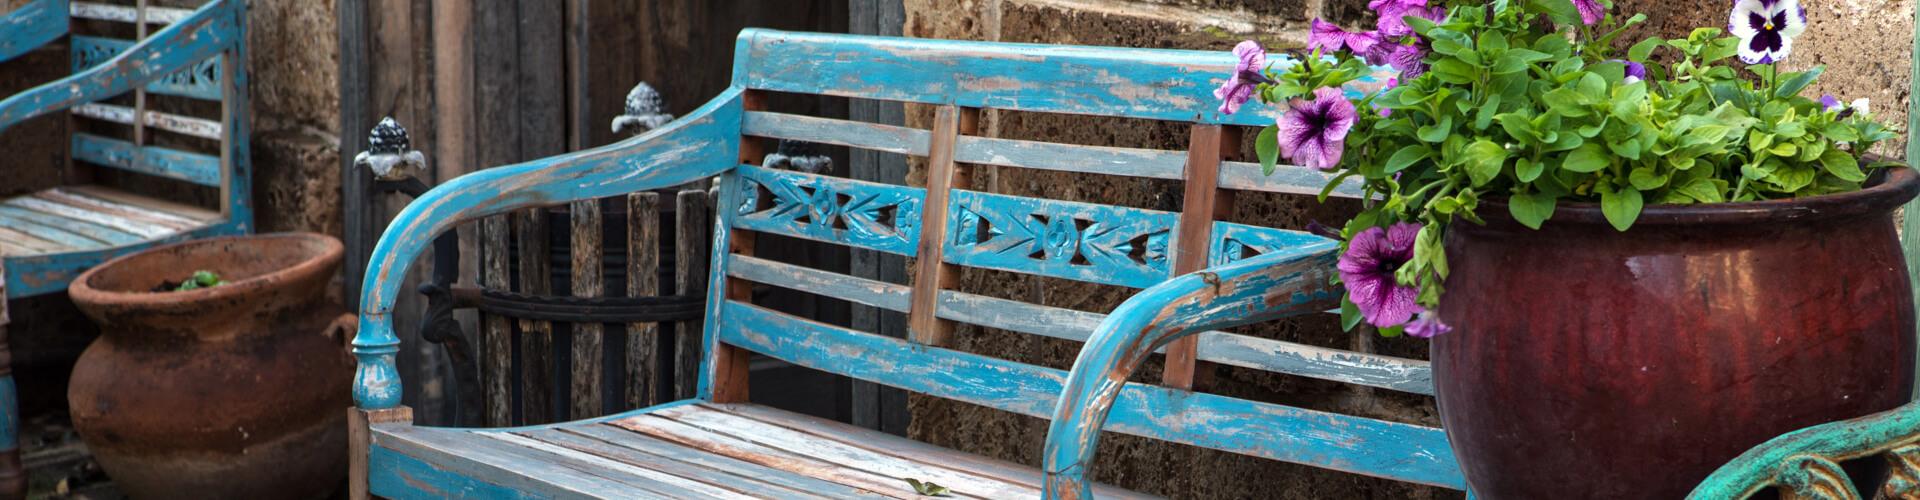 ספסל עתיק